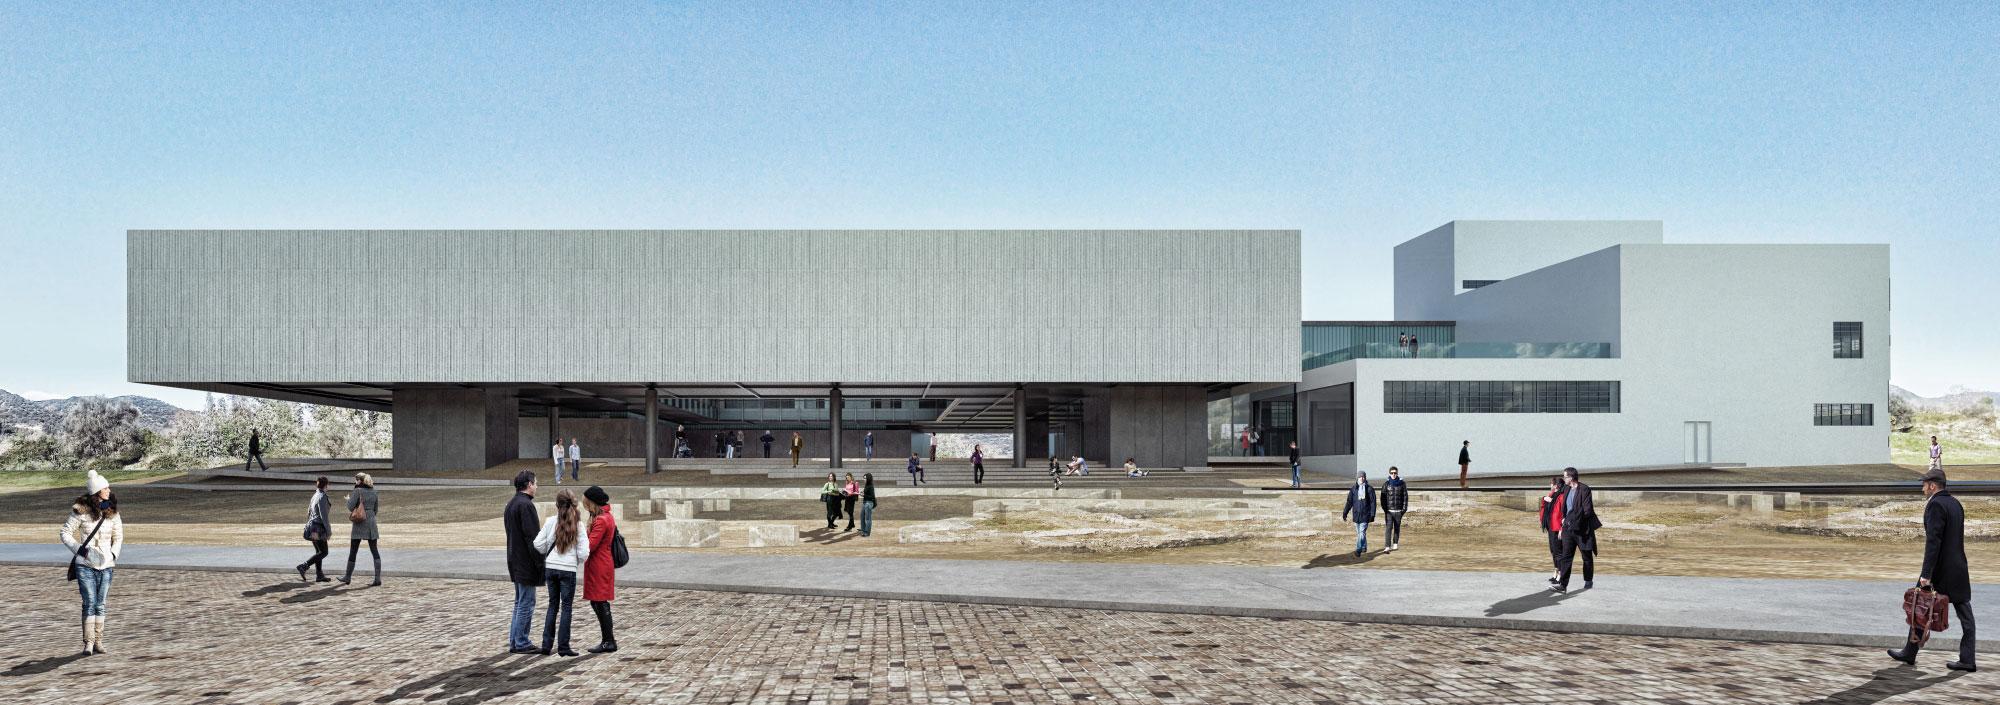 Νέο Αρχαιολογικό Μουσείο Σπάρτης. Α βραβείο